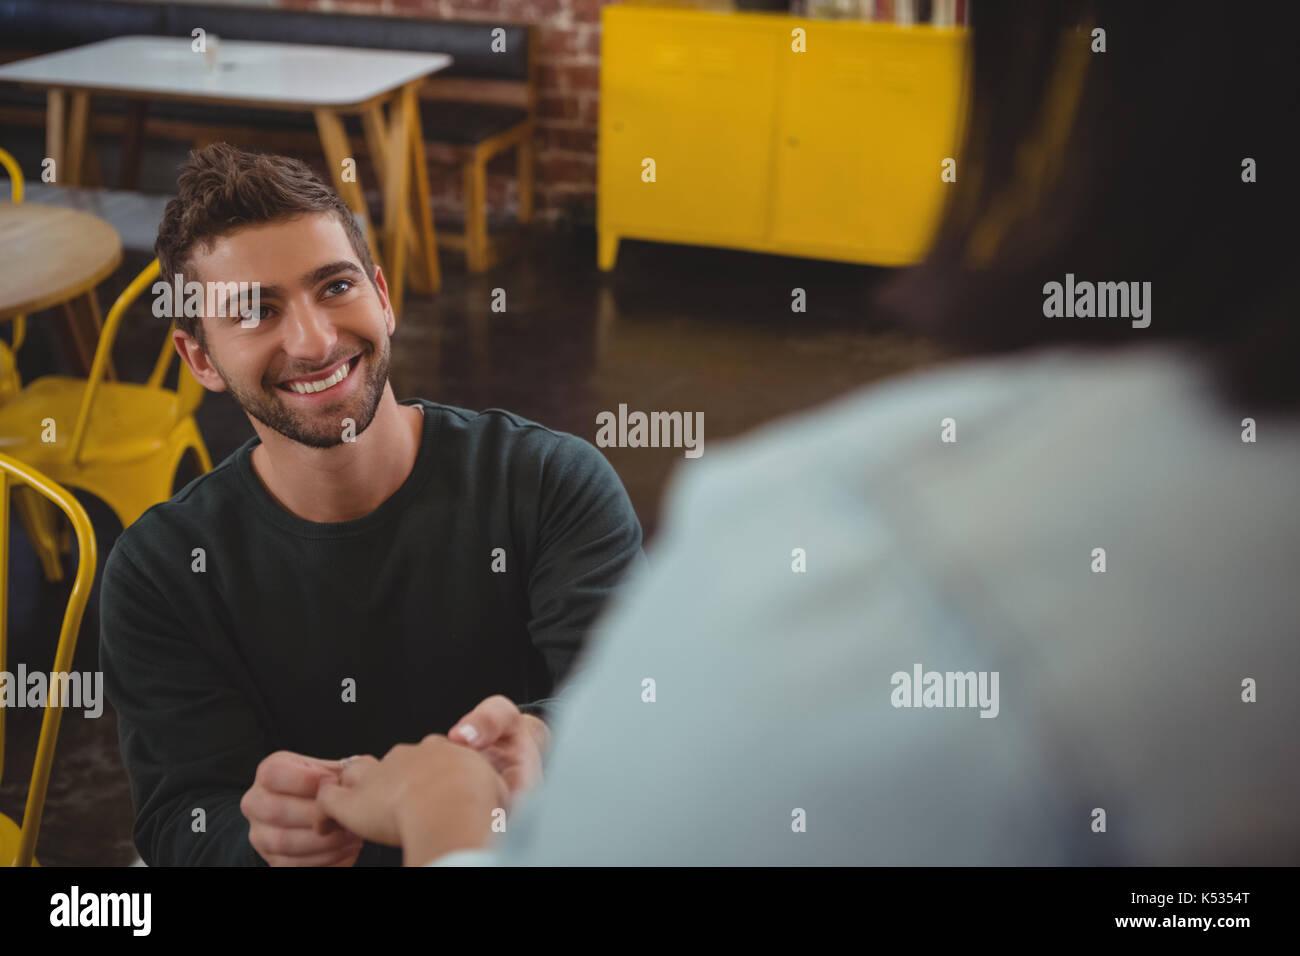 Smiling young man holding amie part au café Photo Stock